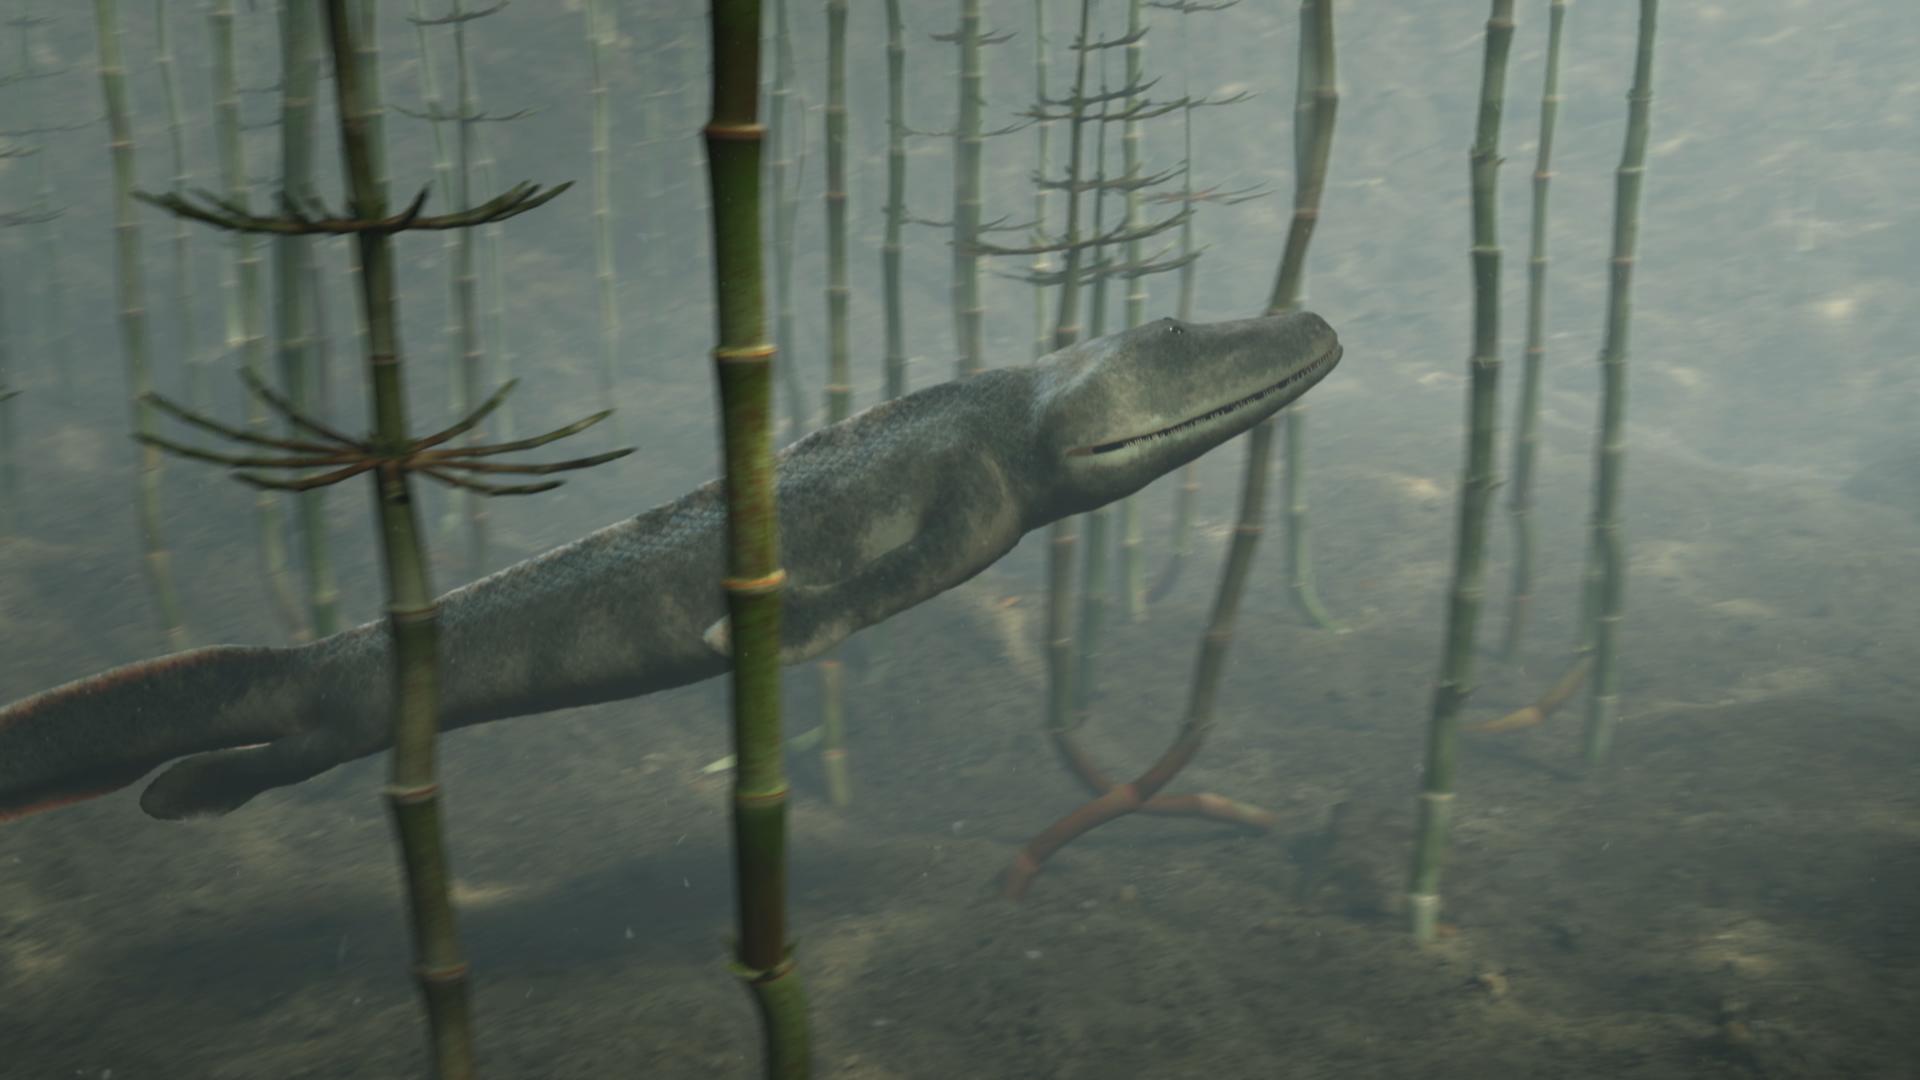 """Czy człowiek może podzielić los dinozaurów? Czy nasze dni są policzone? - """"Ewolucja w kilku odsłonach"""" w styczniu  na kanale National Geographic"""